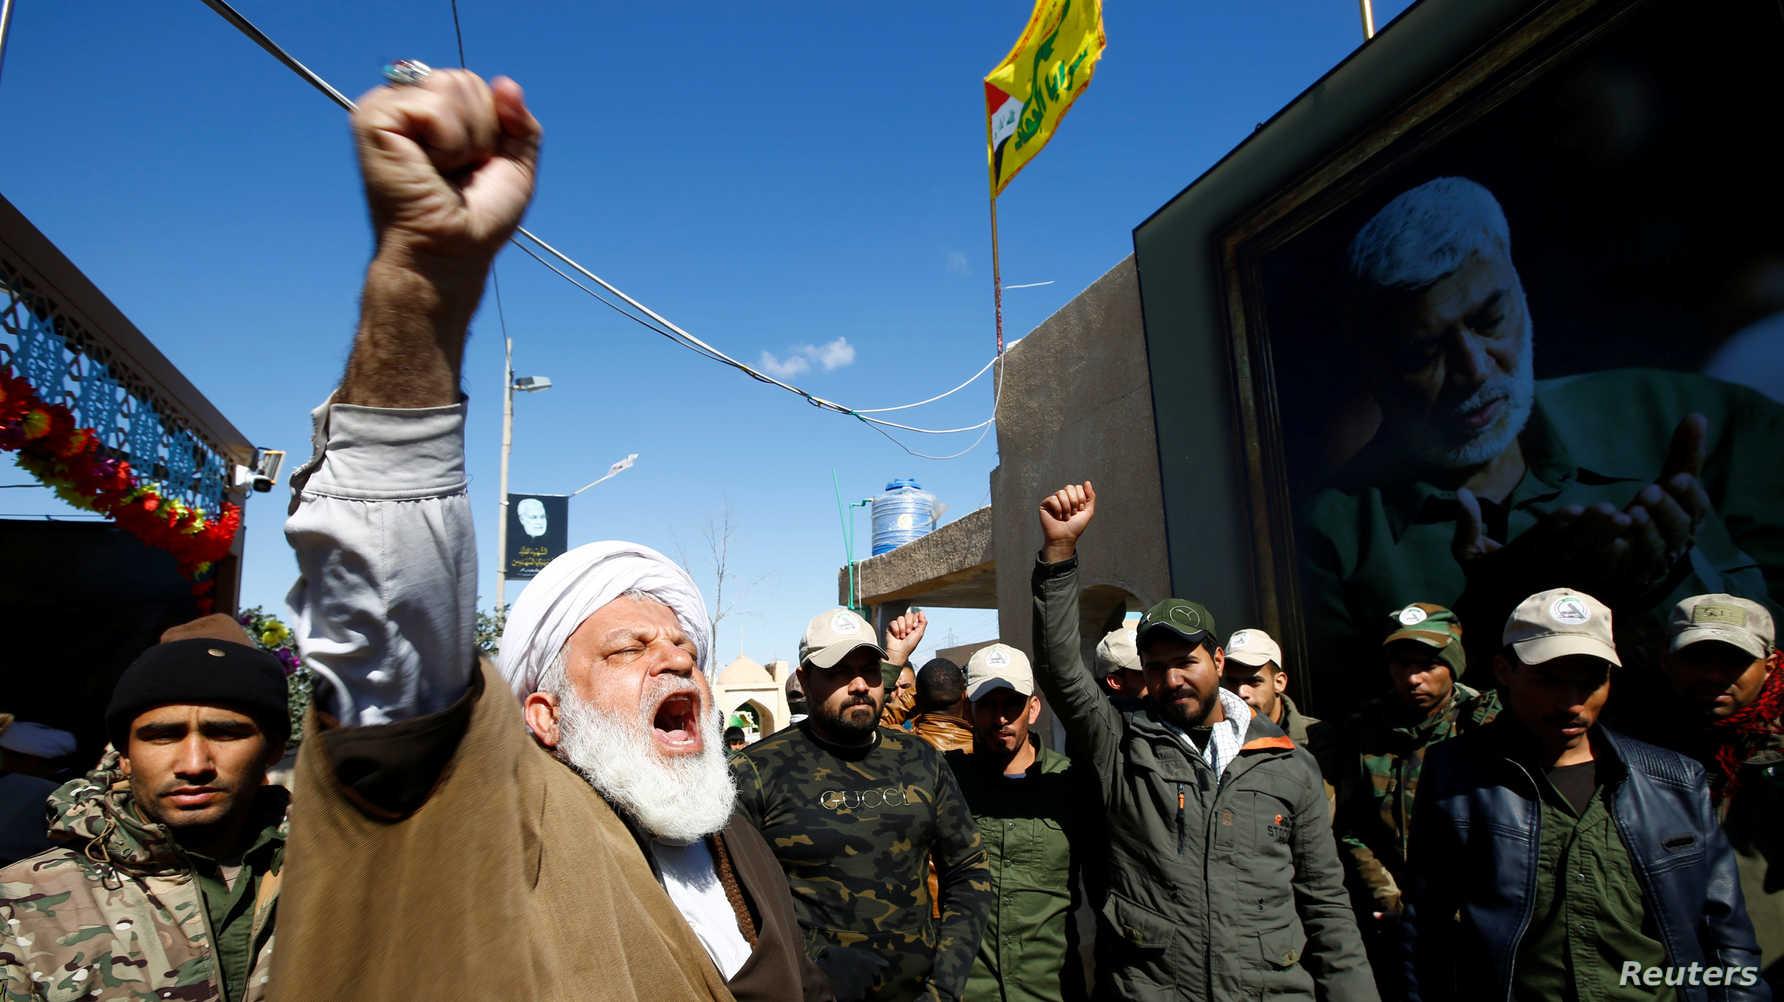 على خطى الحزب .. ميليشيات طهران في العراق تعتمد أساليب مالية جديدة